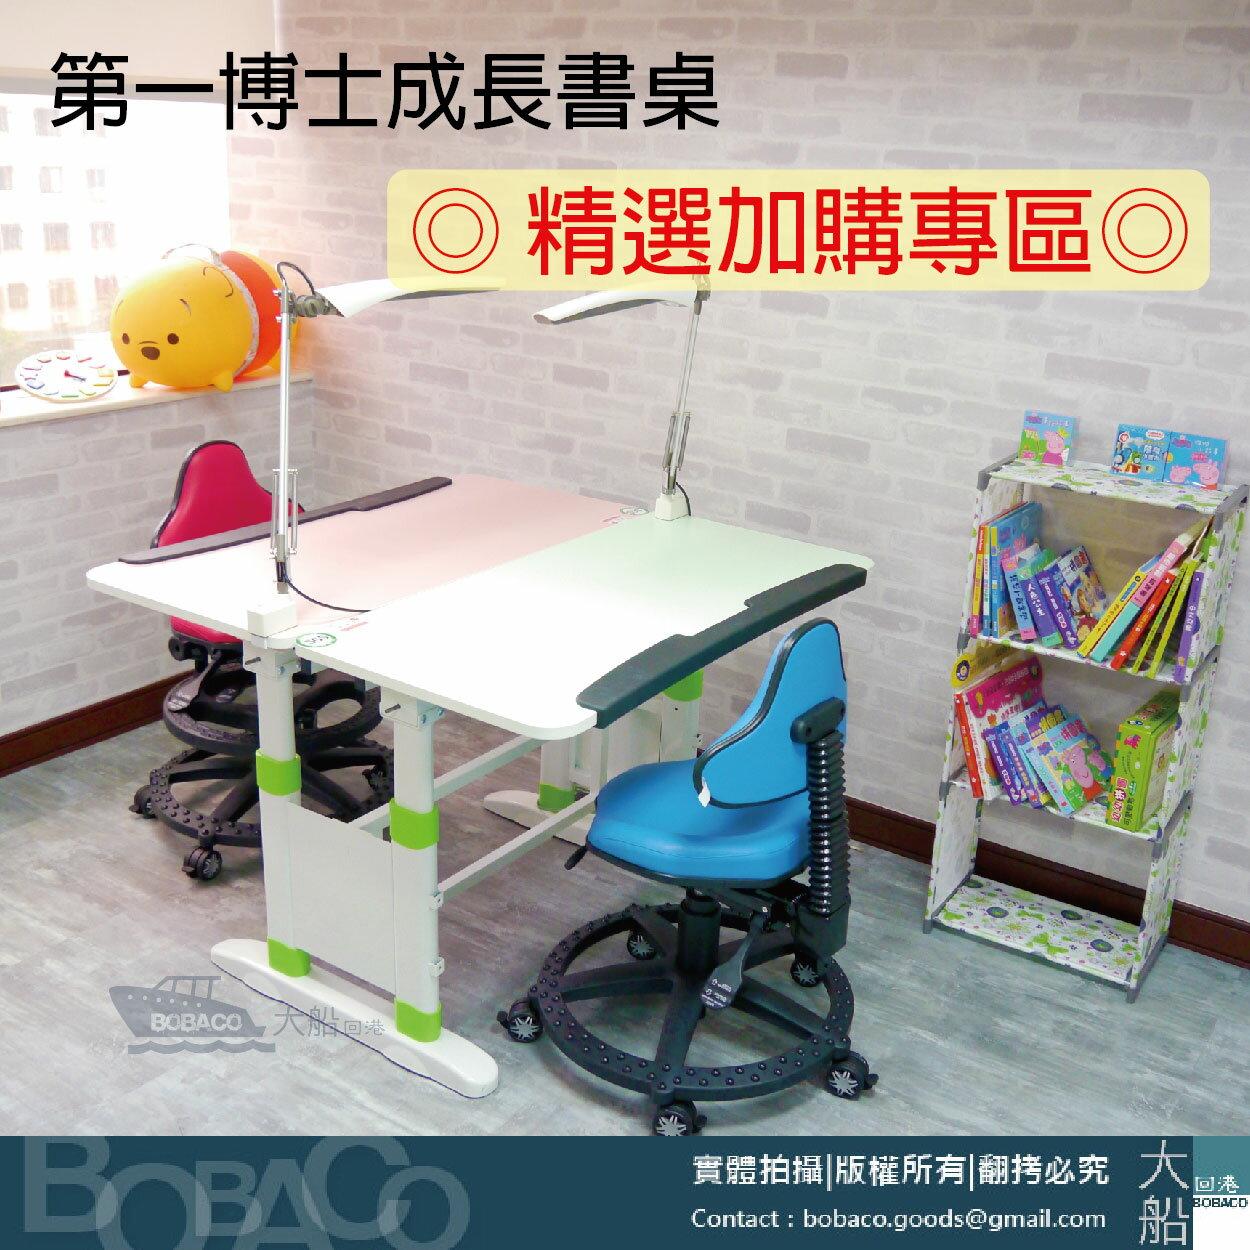 【僅限購 買本賣場 成長書桌椅套組】【 可加購】☉第一博士成長書桌組☉ ─ ✶✶精選加購區✶✶